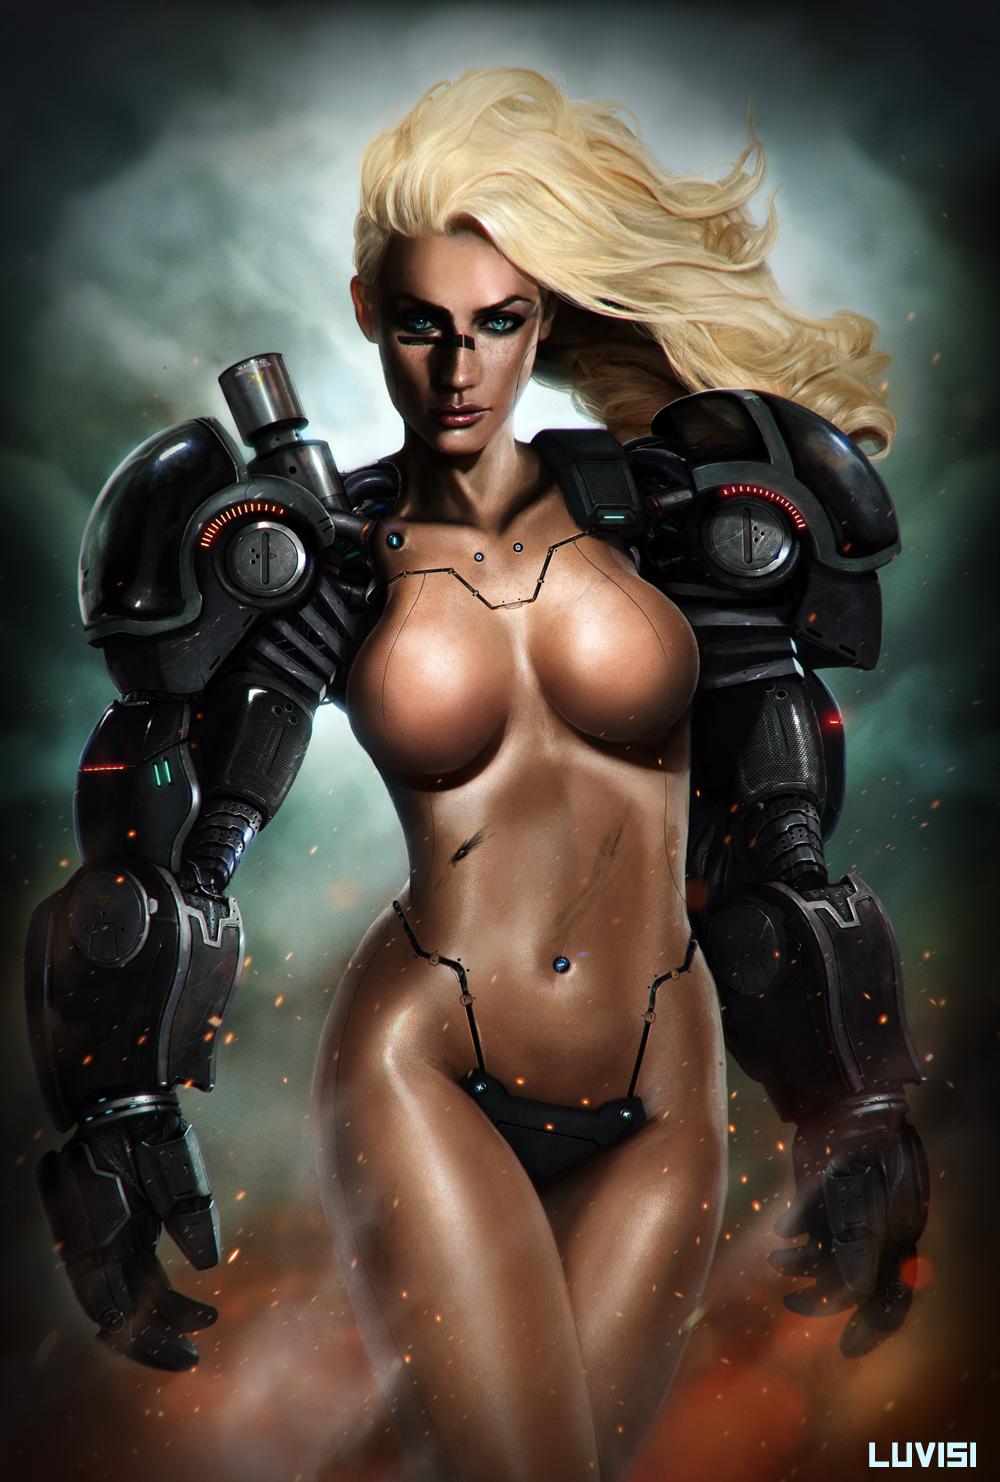 Фото голой героини из игры за гранью 13 фотография